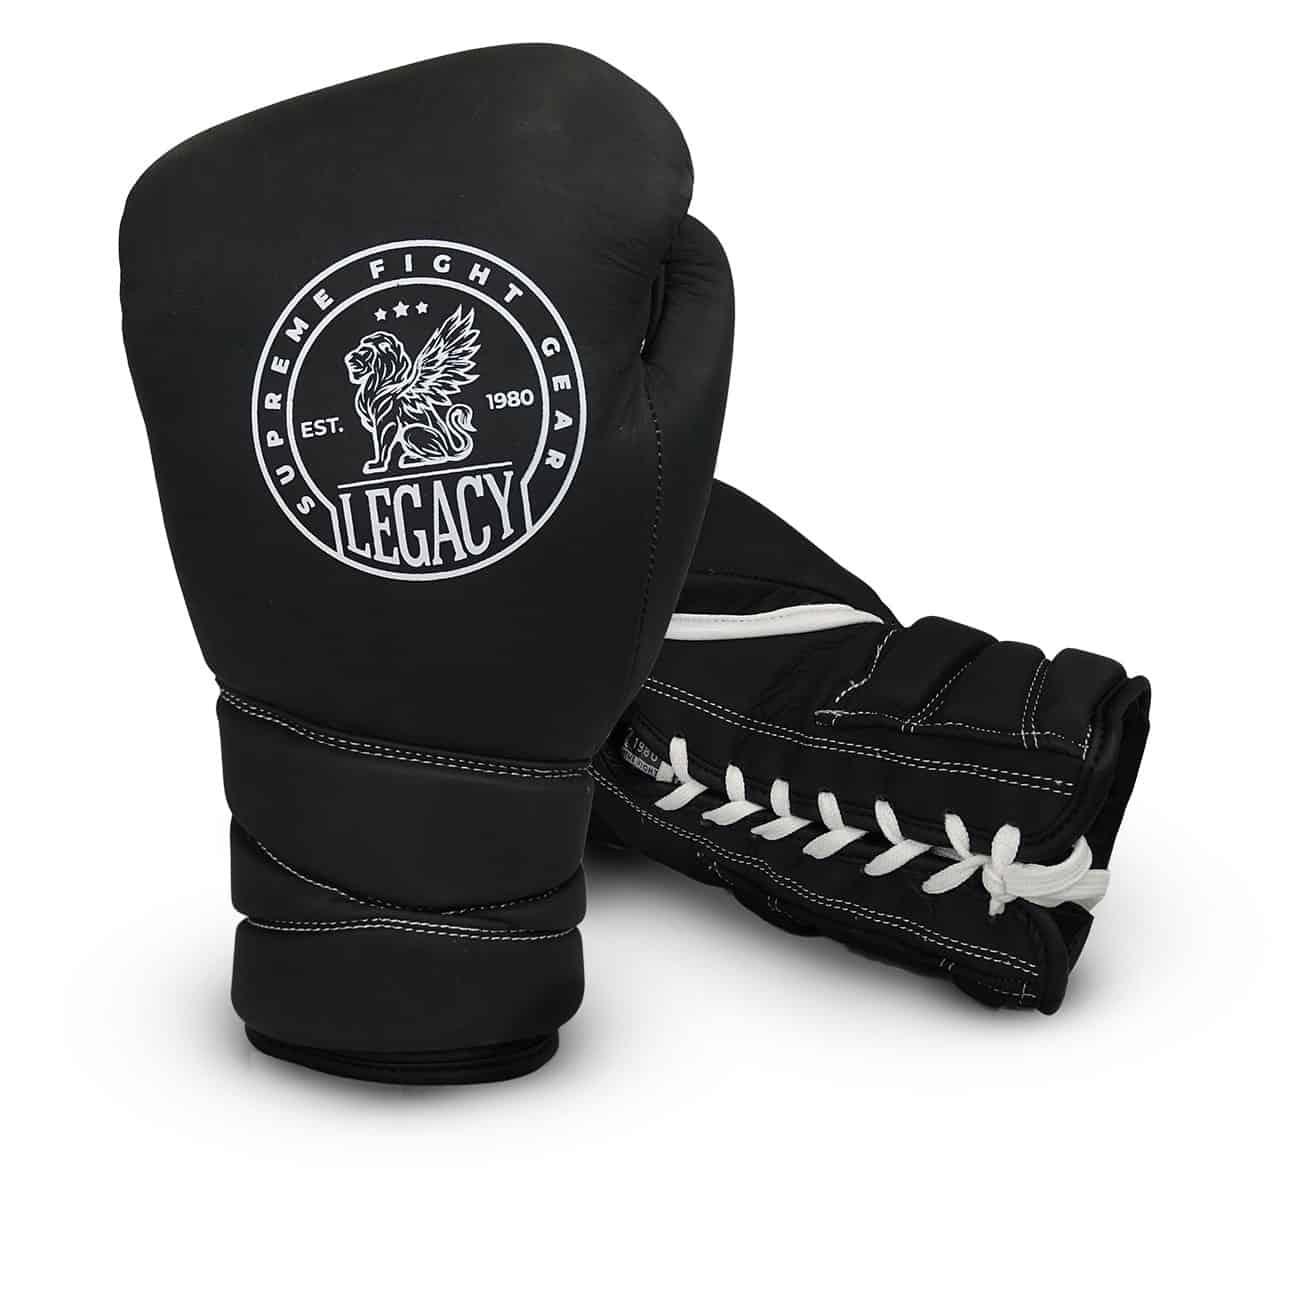 Boxningshandskar med snörning i unik design. Tillverkade i läder